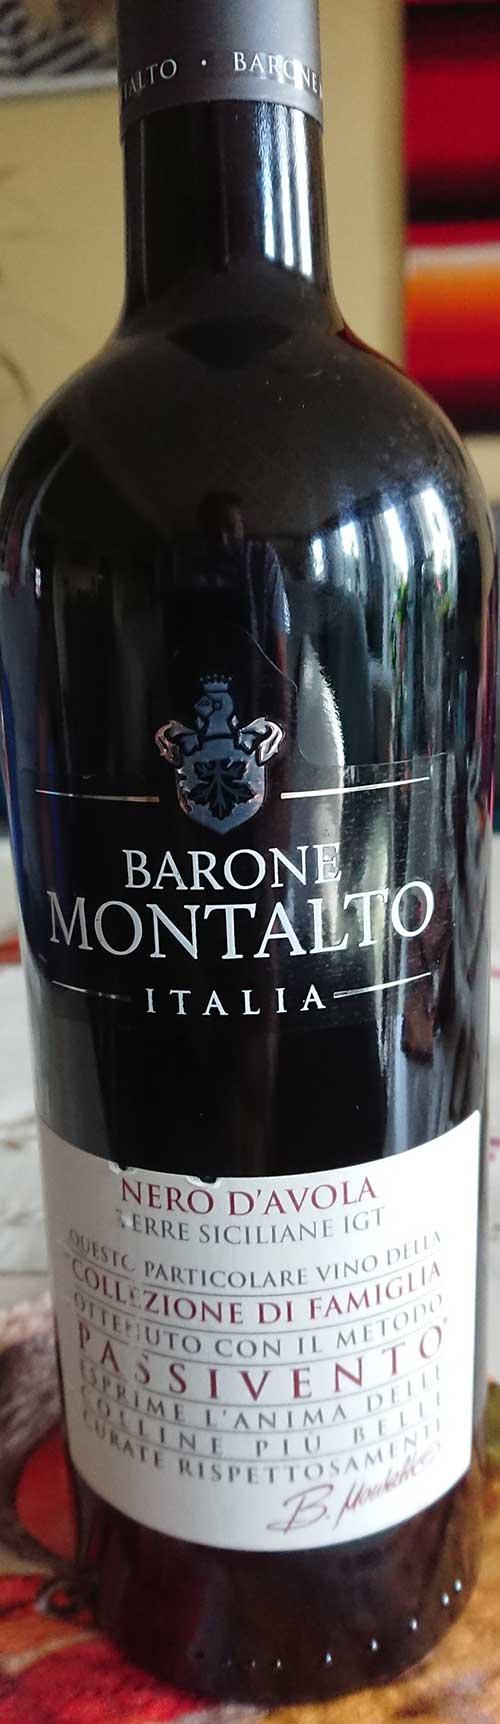 Collectione di Famiglia Nero d`Avola Passivento ( Barone Montalto ) 2016